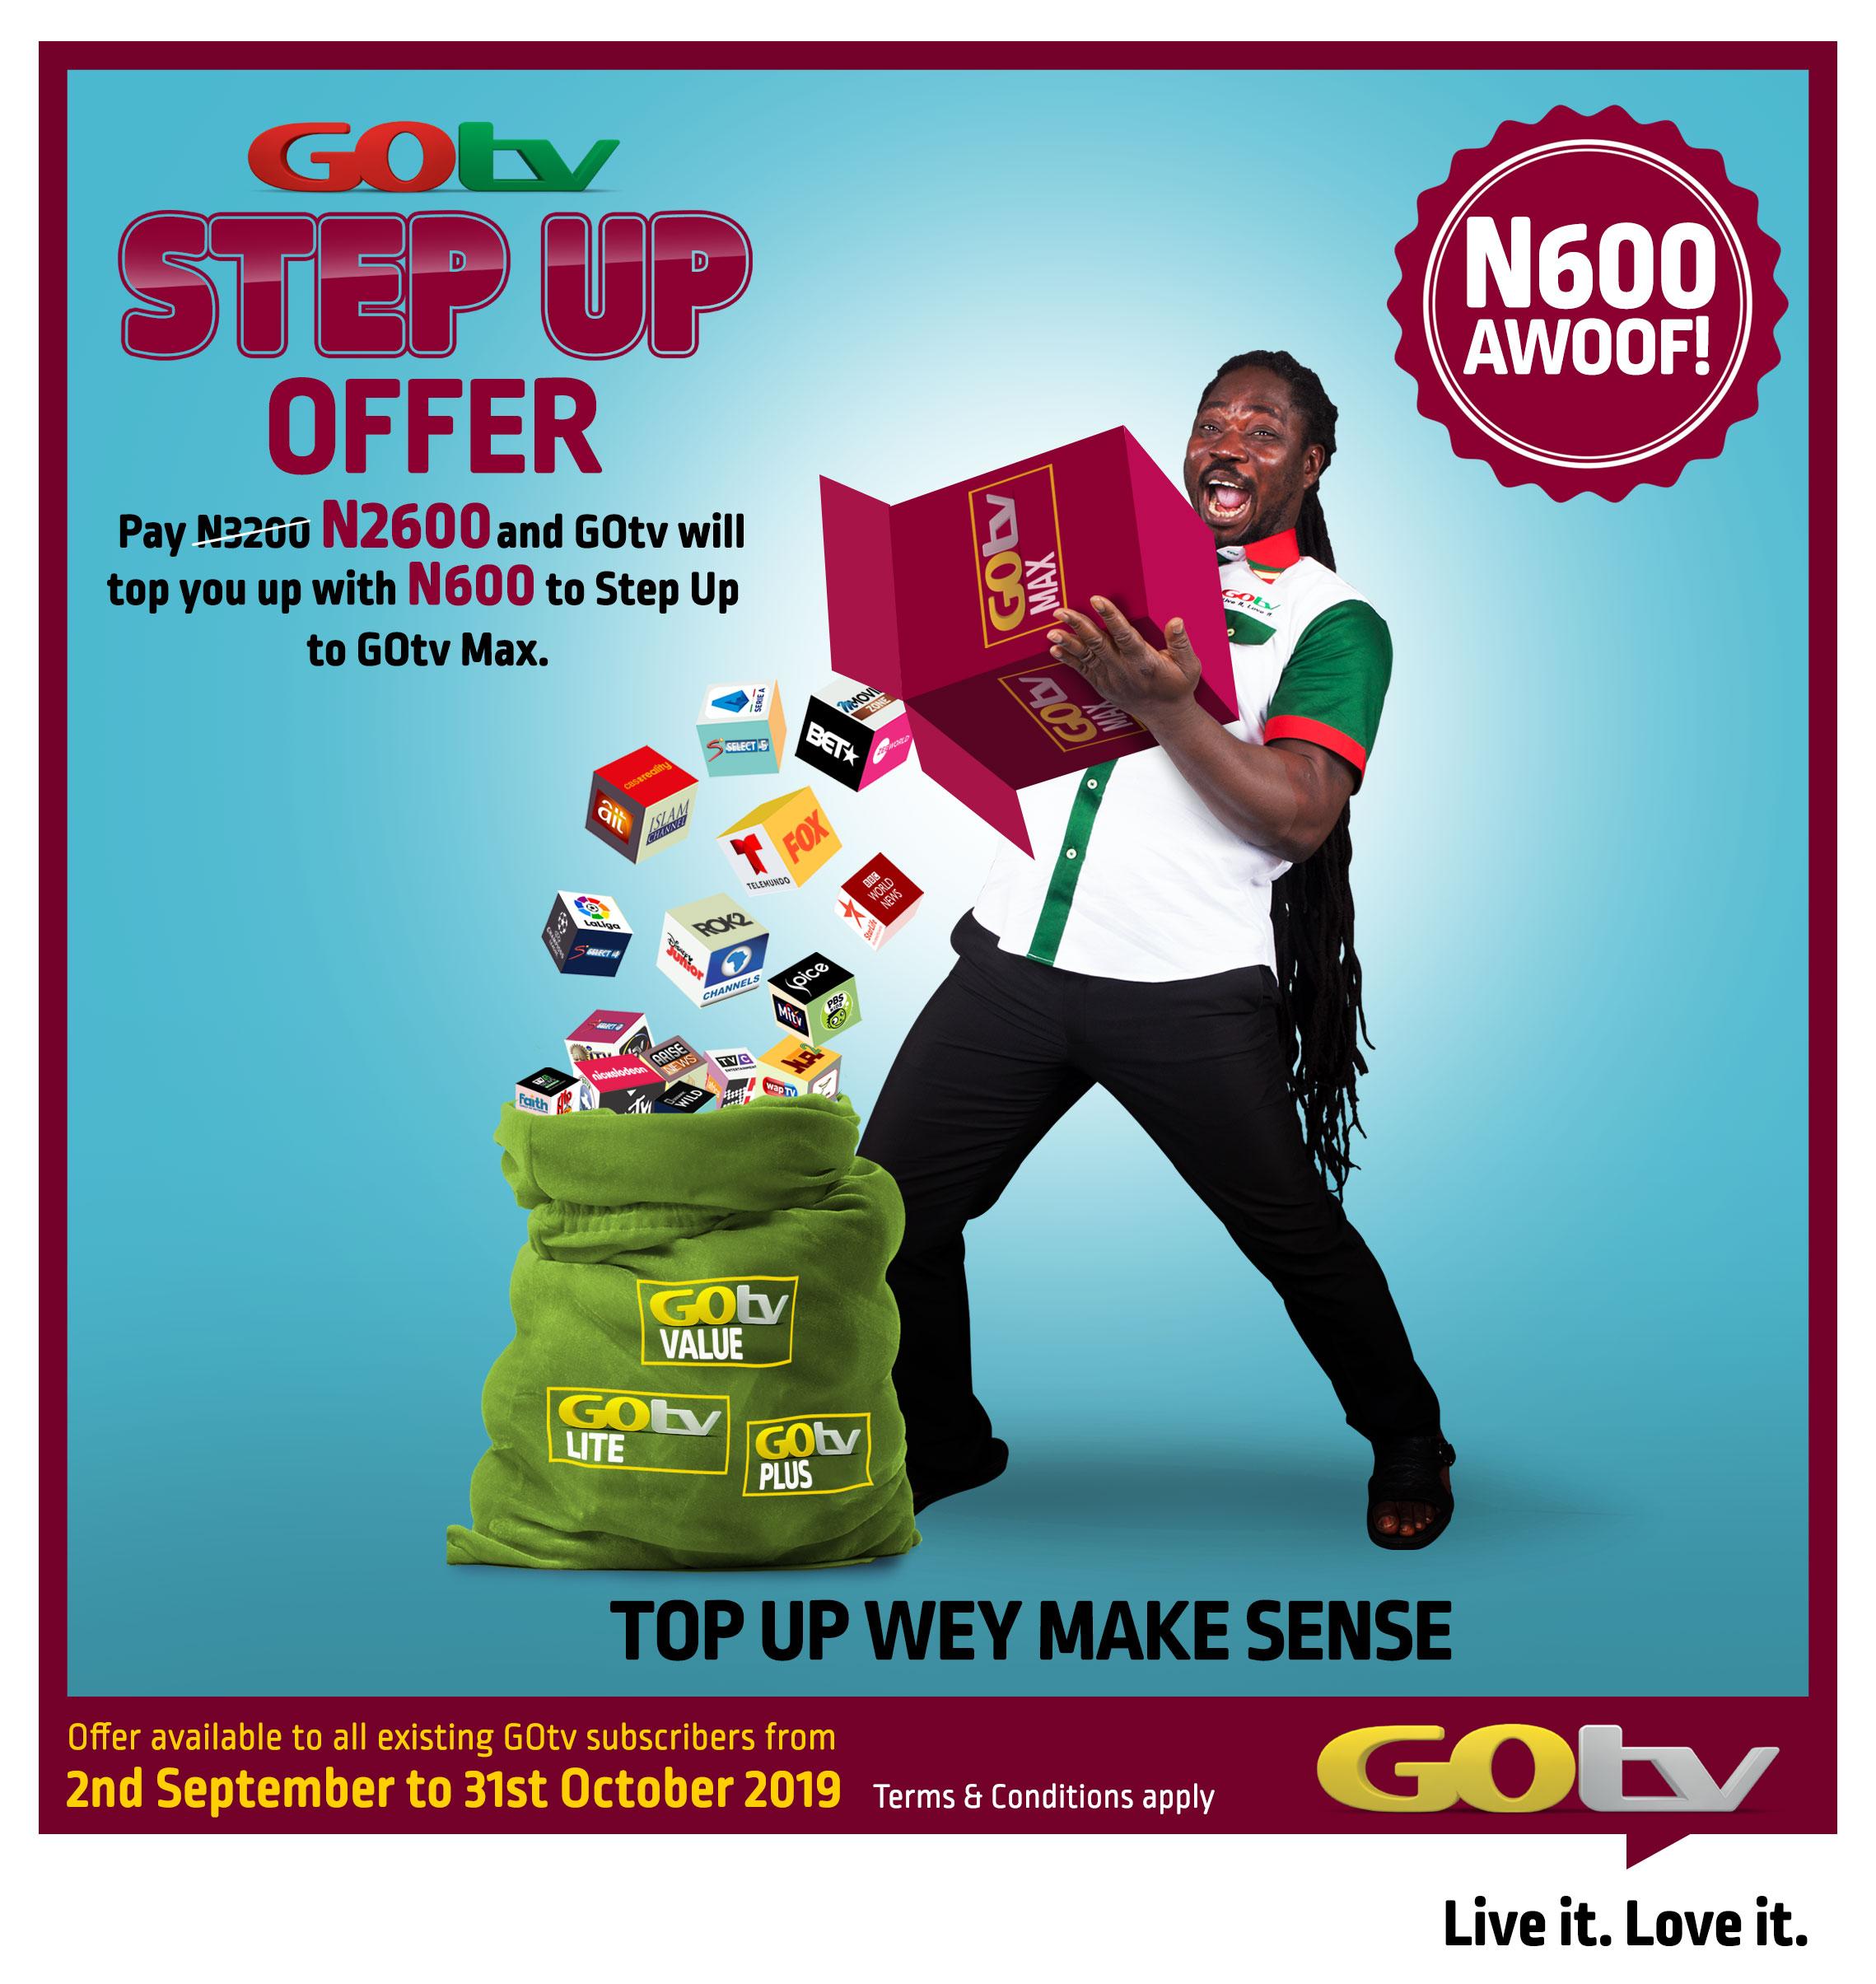 GOtv Step Up offer sm box